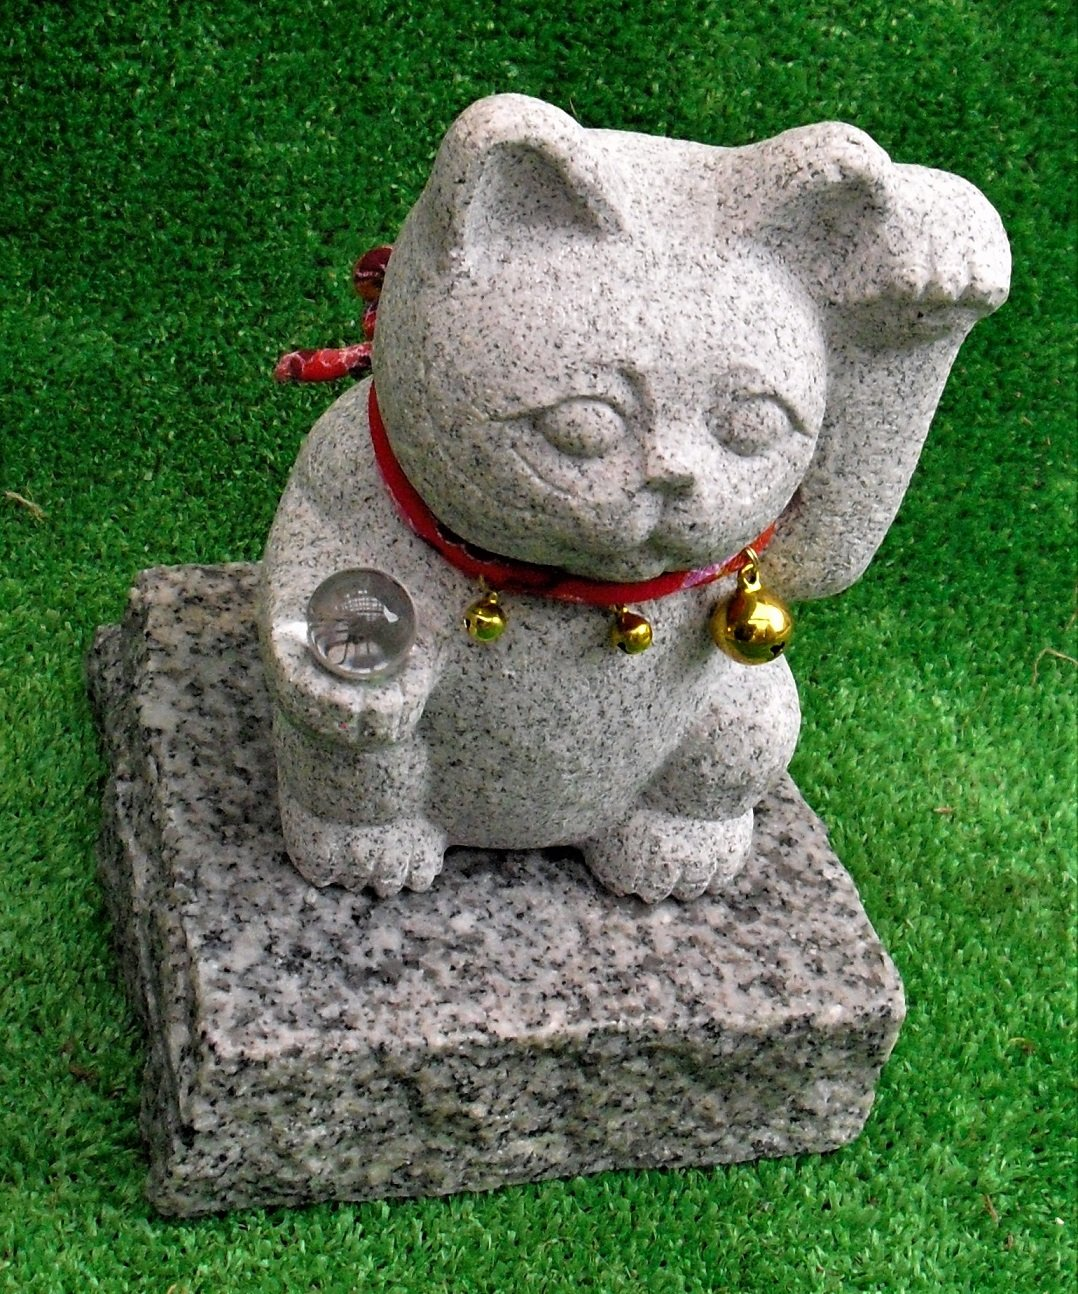 笑福開運!御影石招き猫【風水20㎜本水晶】高さ約25㎝。御影石。 B079QTP7NM